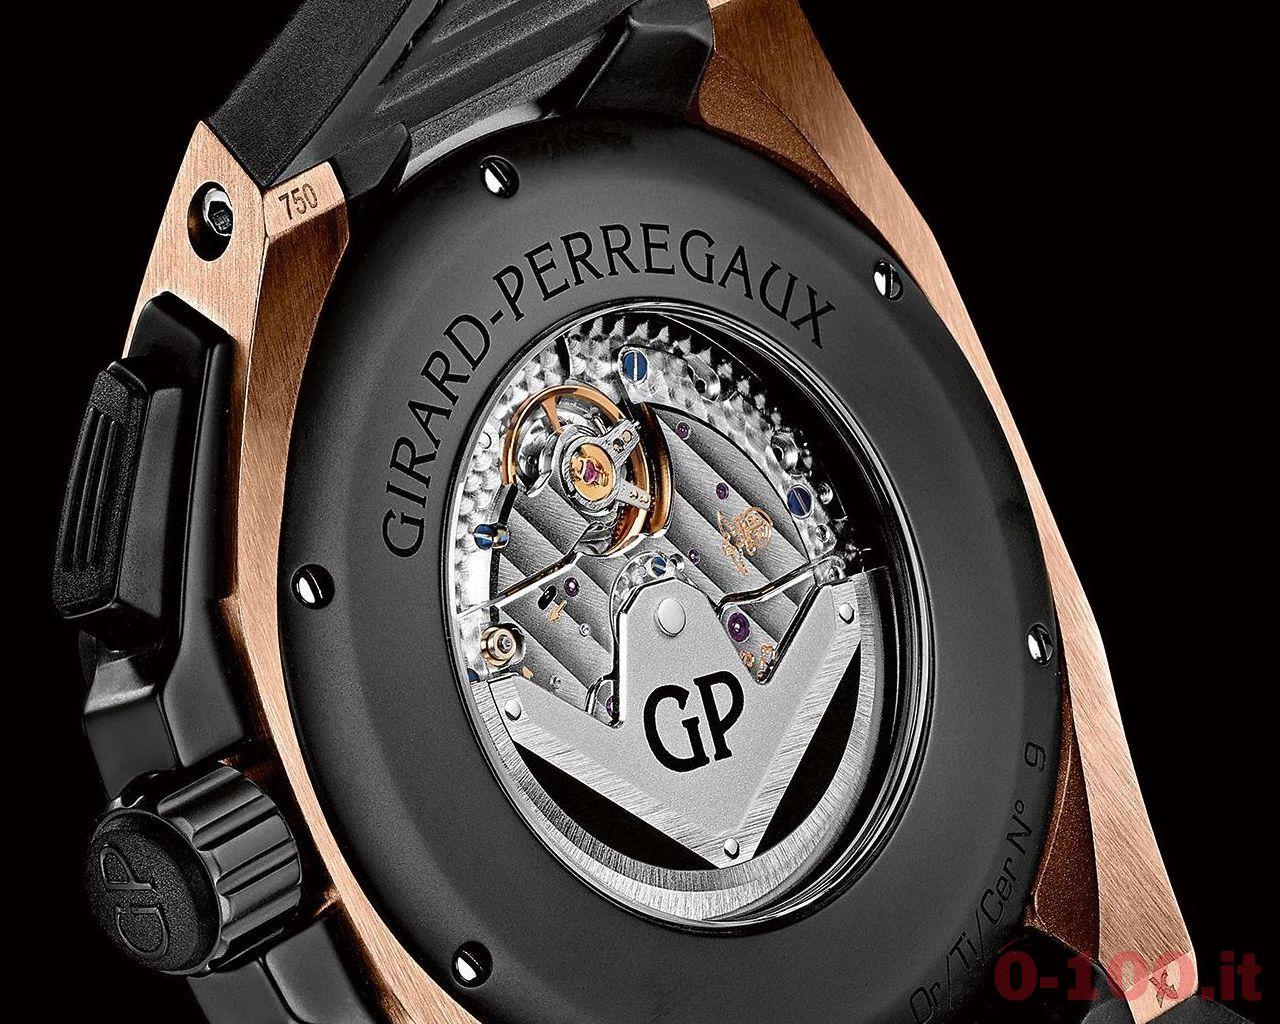 girard-perregaux-chrono-hawk-oro-rosa-ref-49970-34-633-bb6b-prezzo-price_0-1006